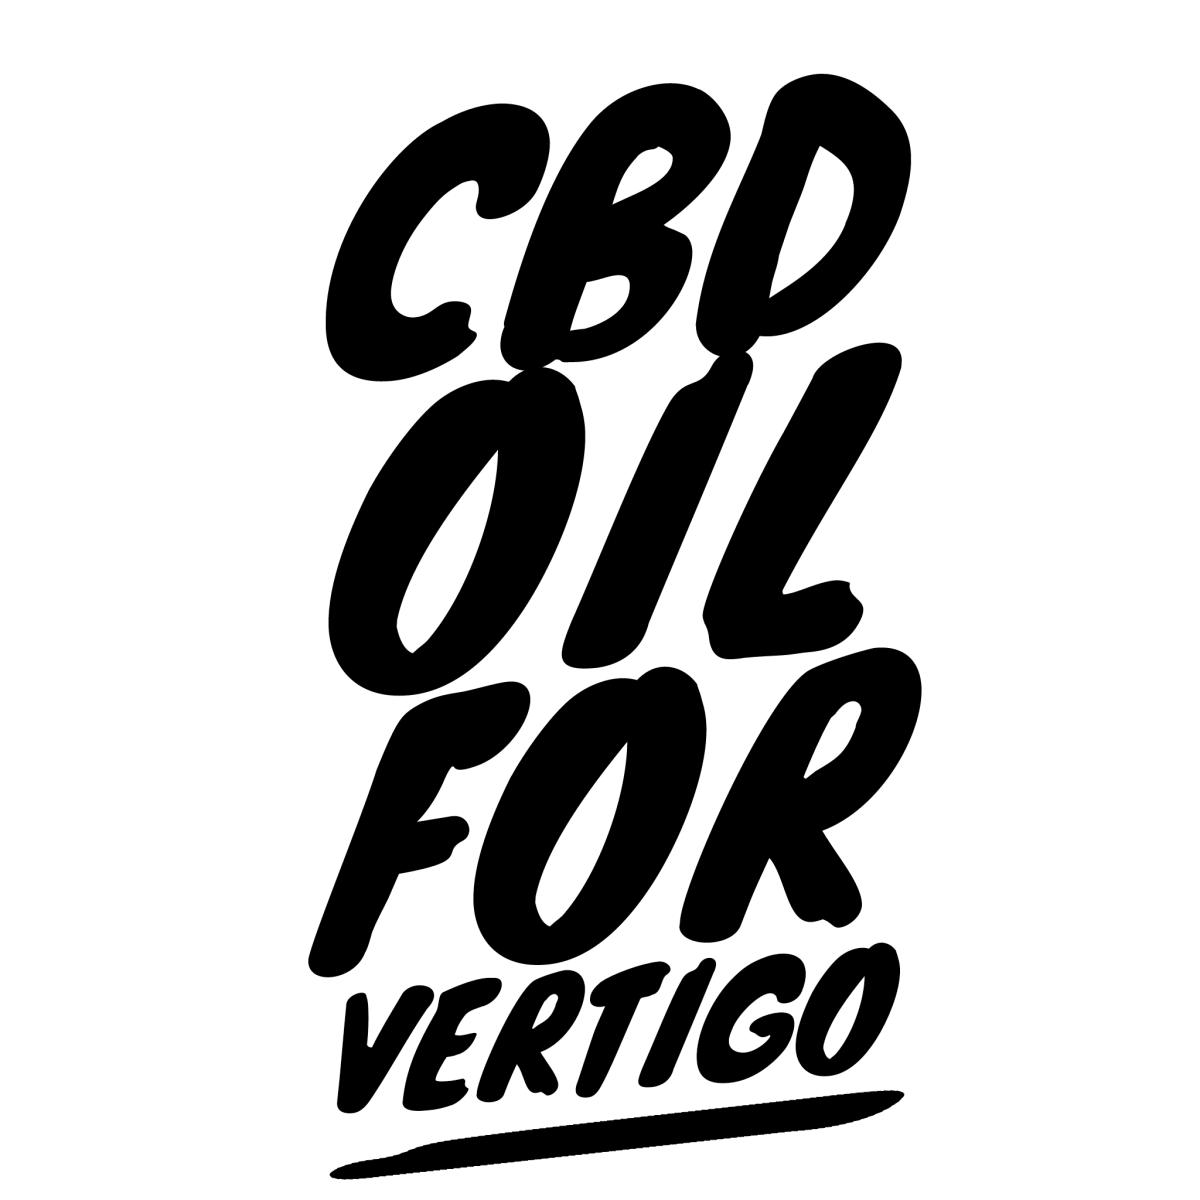 CBD Oil andVertigo